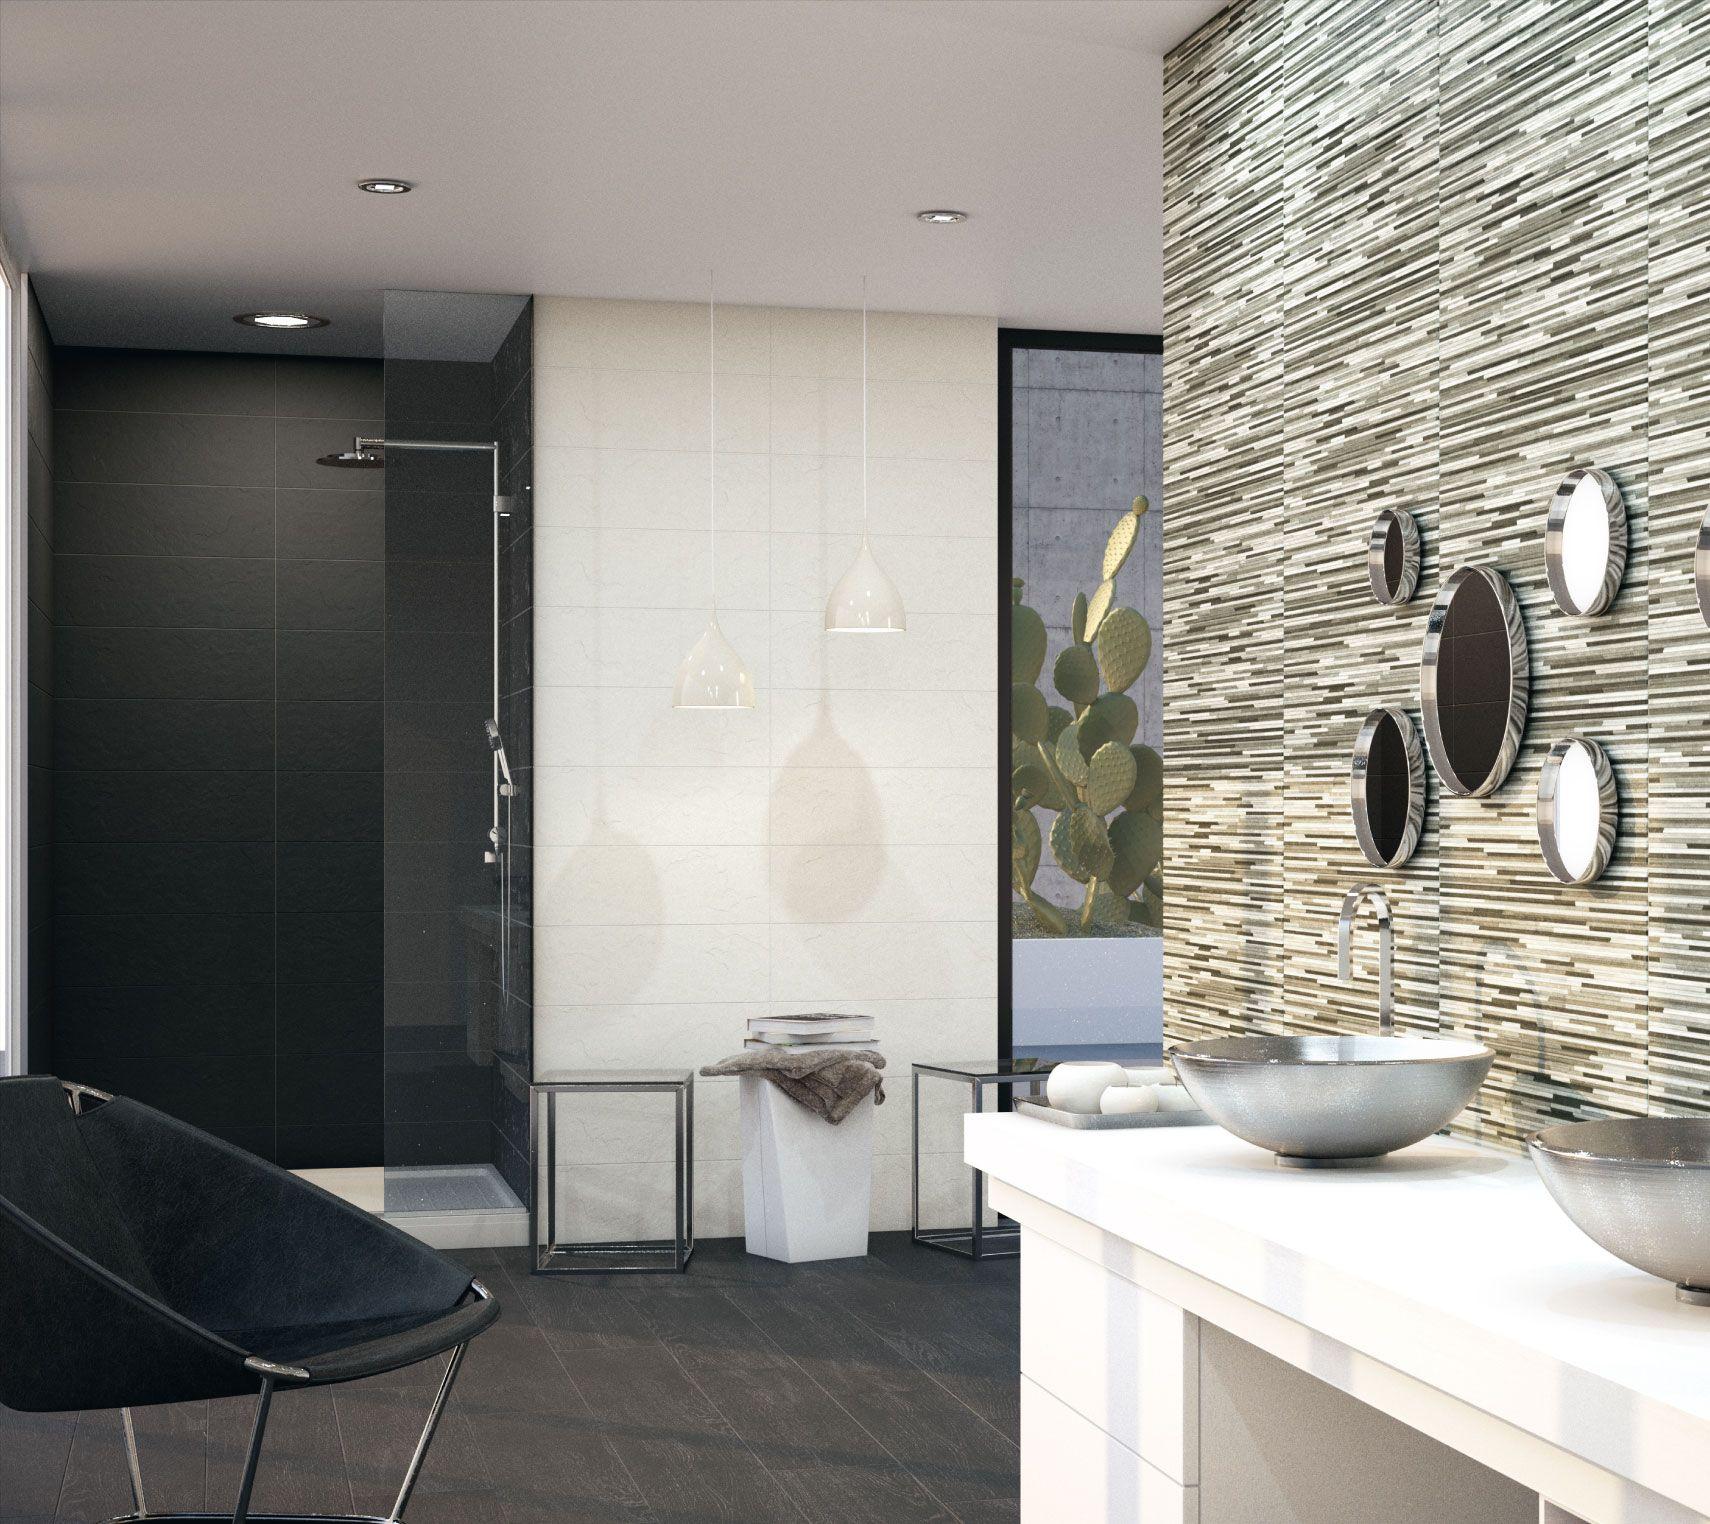 Jugar Escape The Bathroom revestimientos para jugar, cambia el concepto de cada pared. serie